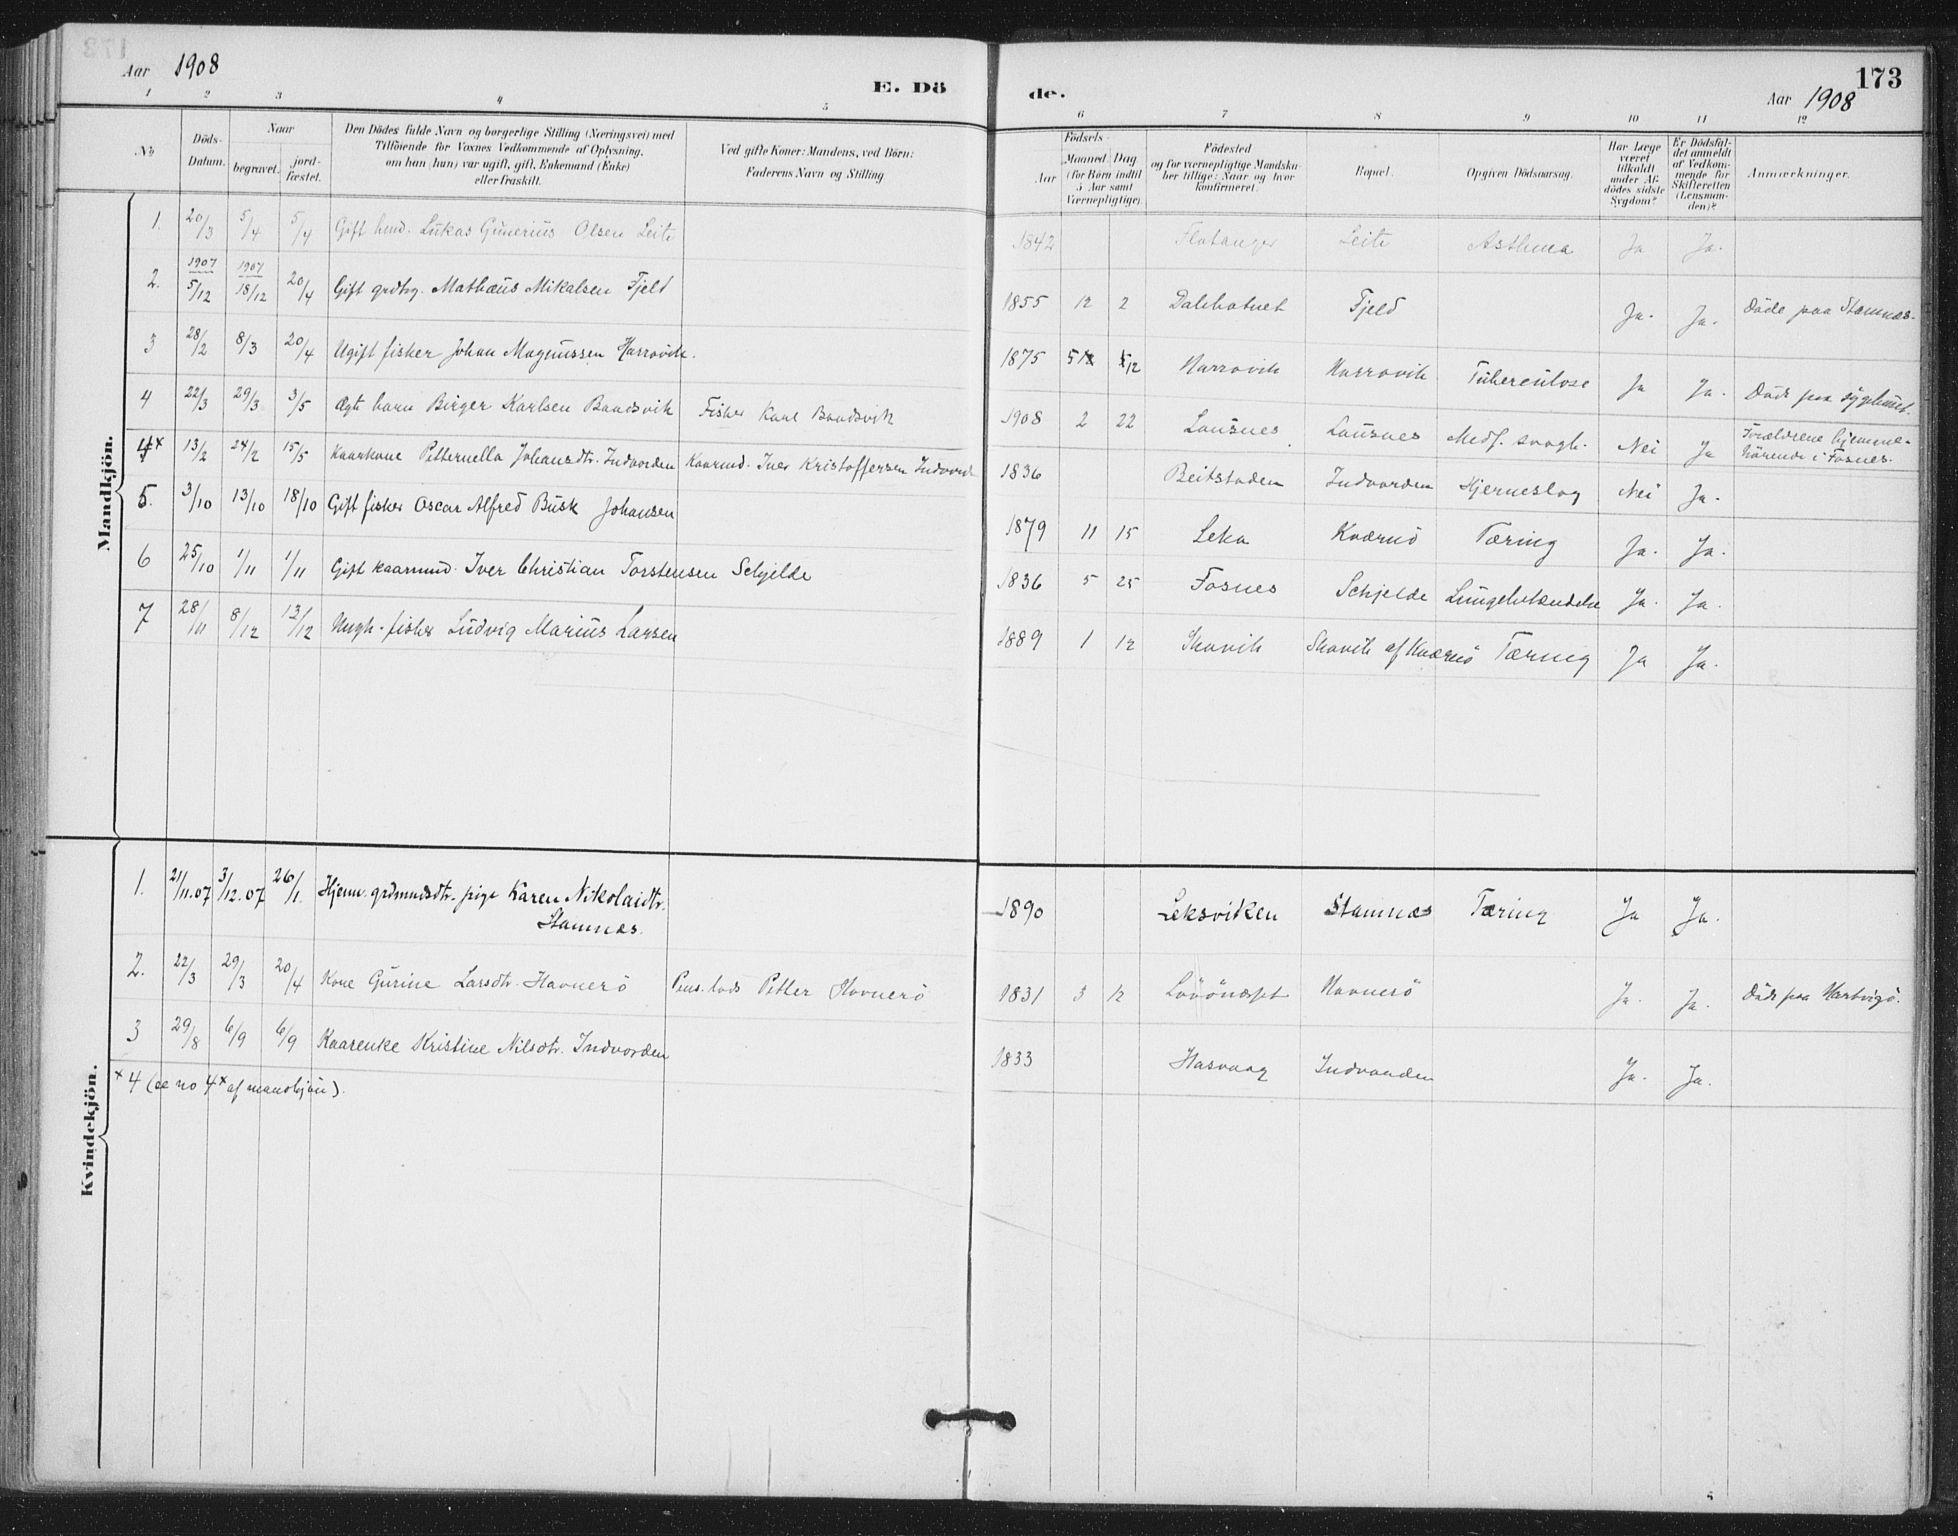 SAT, Ministerialprotokoller, klokkerbøker og fødselsregistre - Nord-Trøndelag, 772/L0603: Ministerialbok nr. 772A01, 1885-1912, s. 173